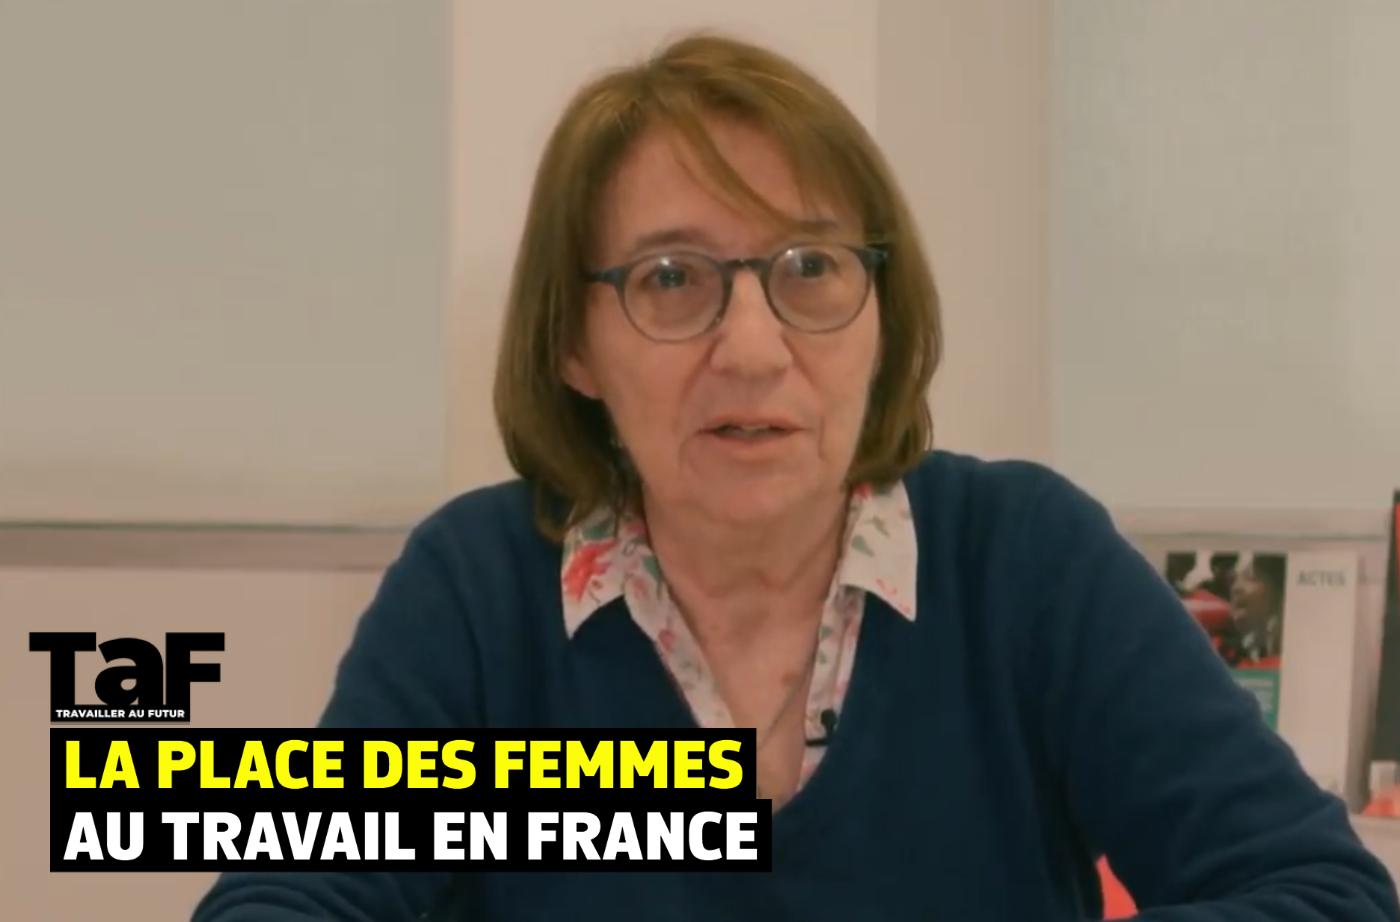 « La place des femmes au travail en France au XXe siècle : le chiffre est politique »